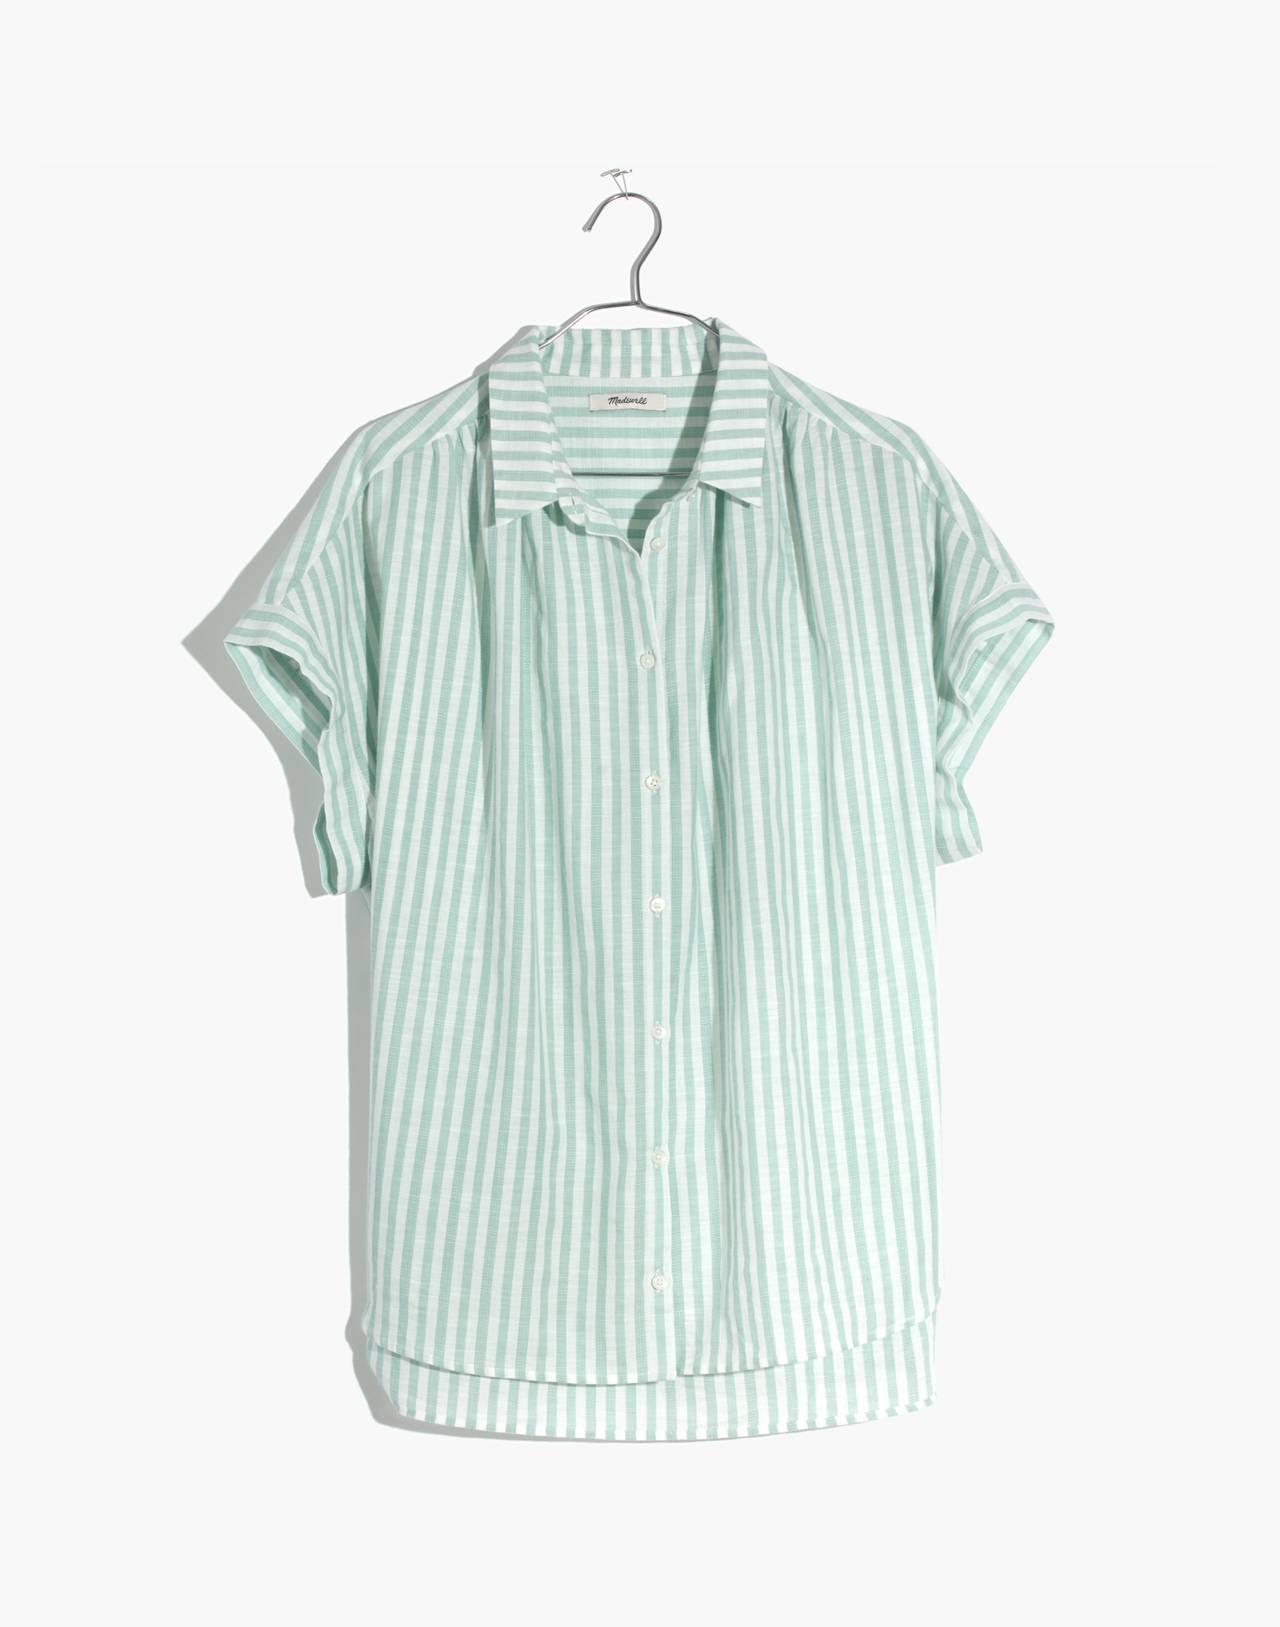 Central Shirt in Mint Stripe in mint stripe sea haze image 4